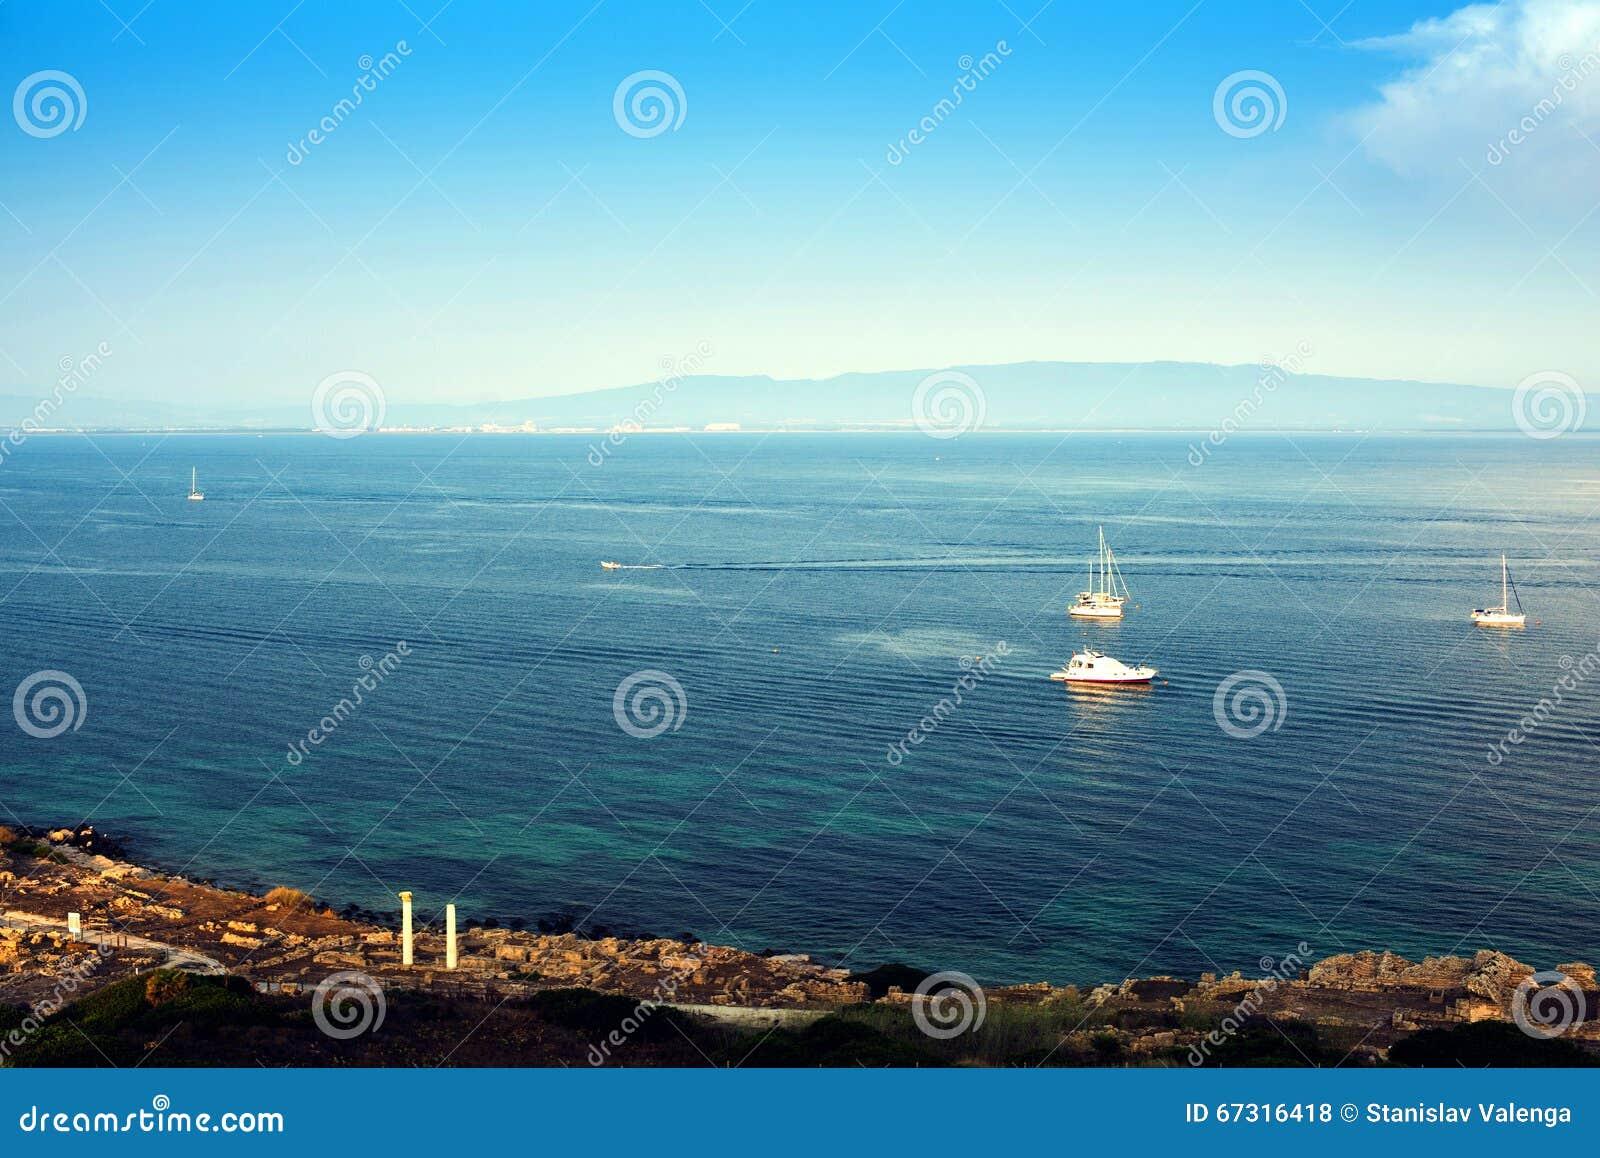 Segeln Versenden Sie Yachten mit weißen Segeln in der hohen See Luxusboote